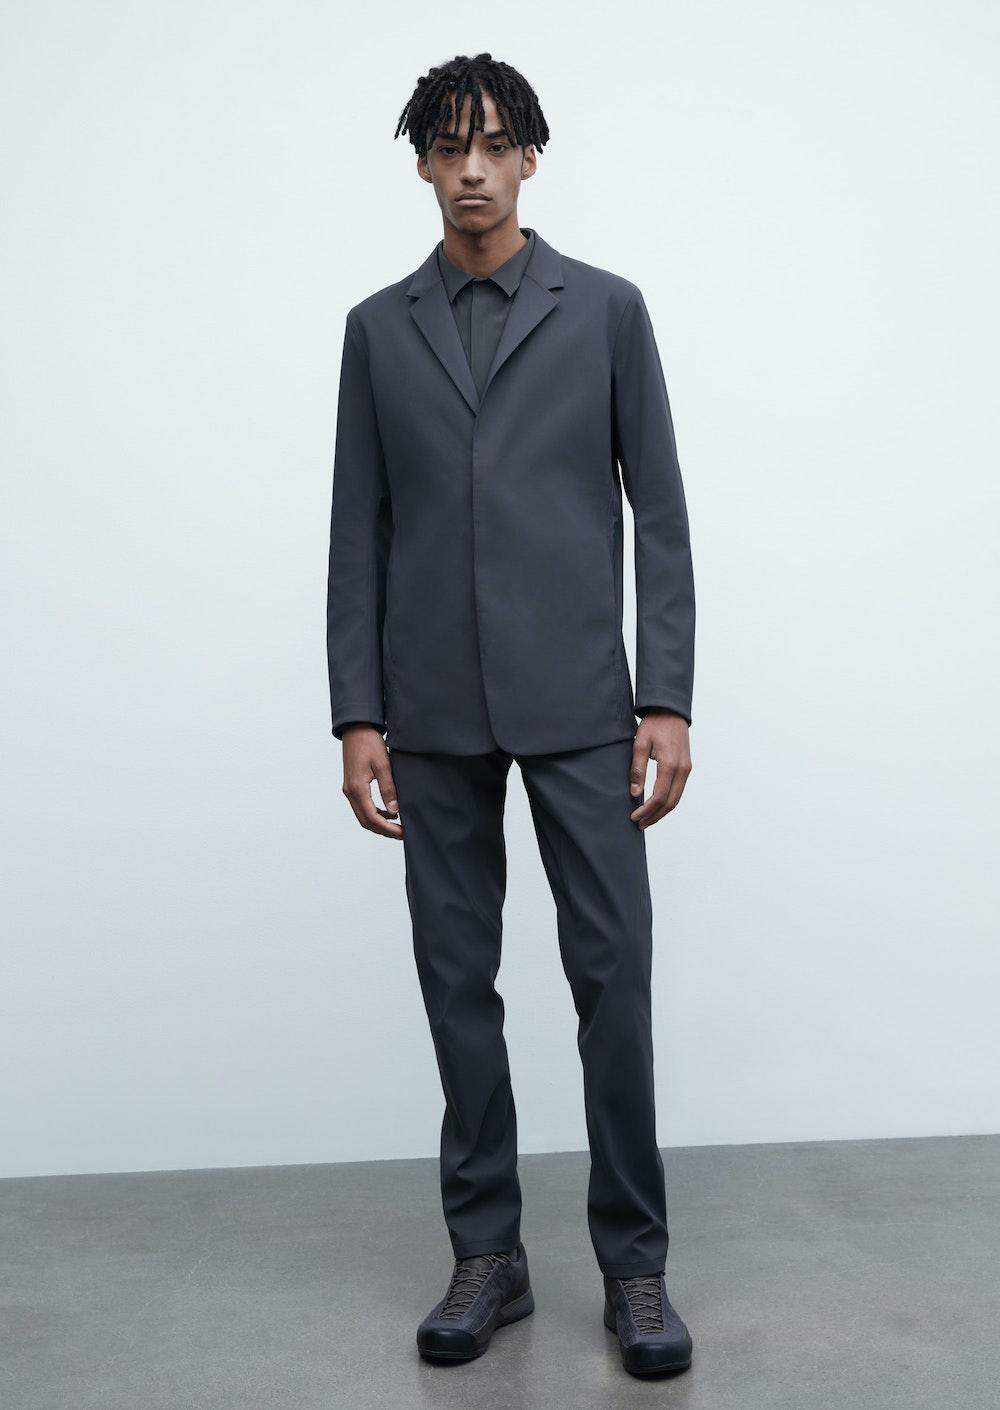 Indisce Suit in Graphite